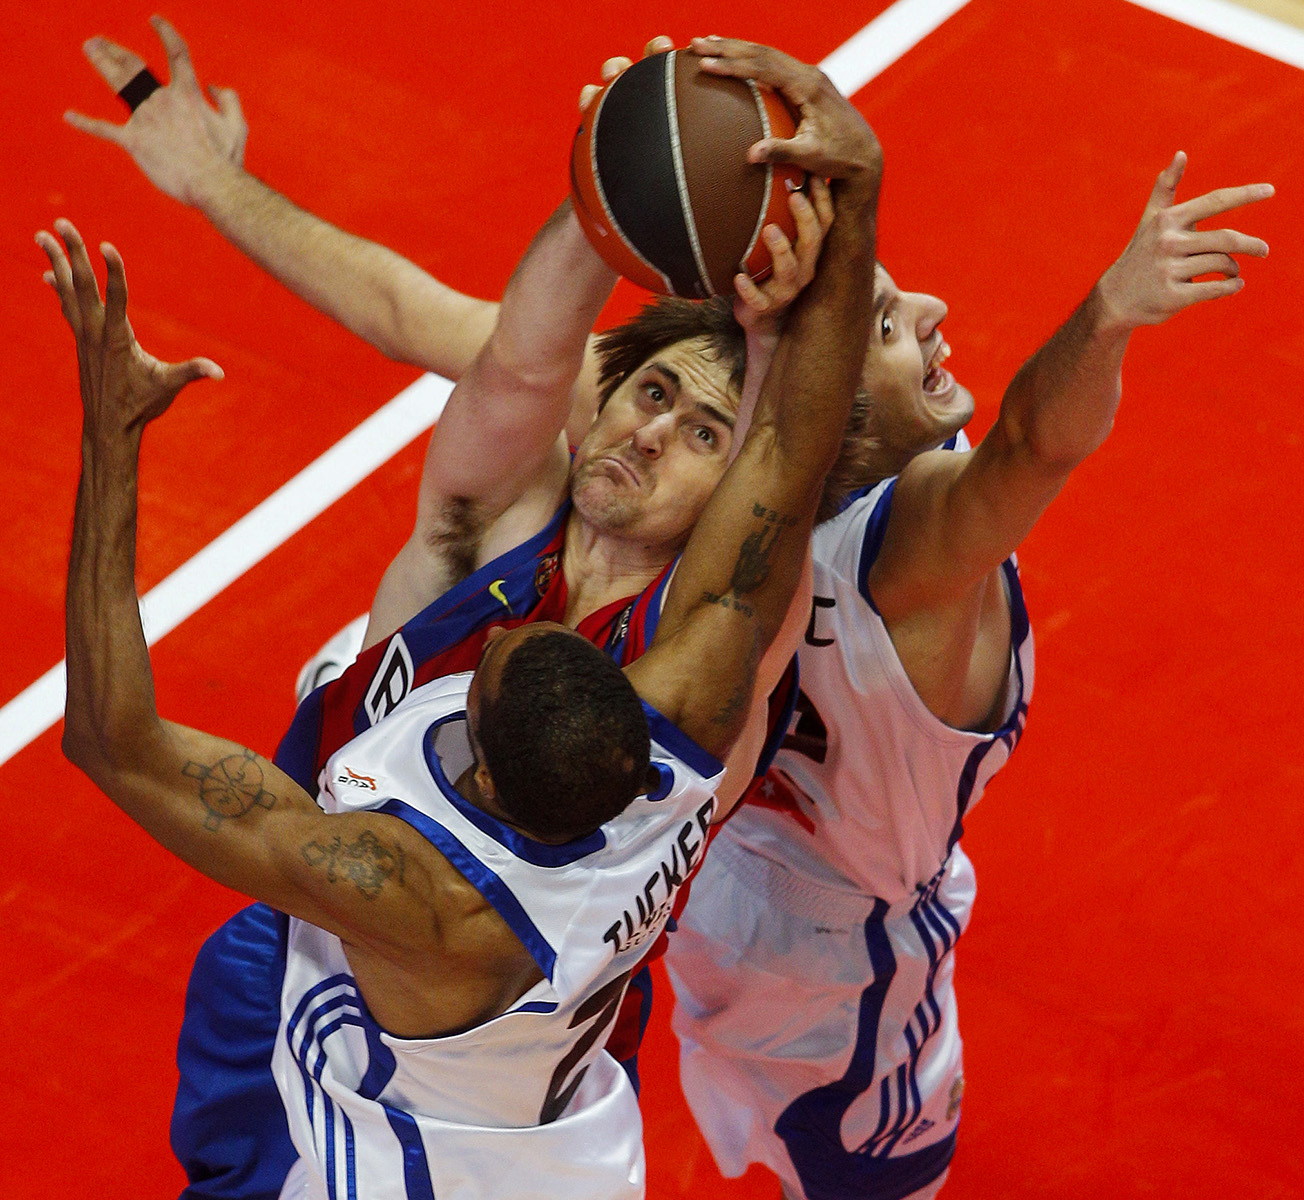 FINAL COPA DEL REY DE BALONCESTOREAL MADRID - BARCELONA© ALBERTO R ROLDAN13 02 2011